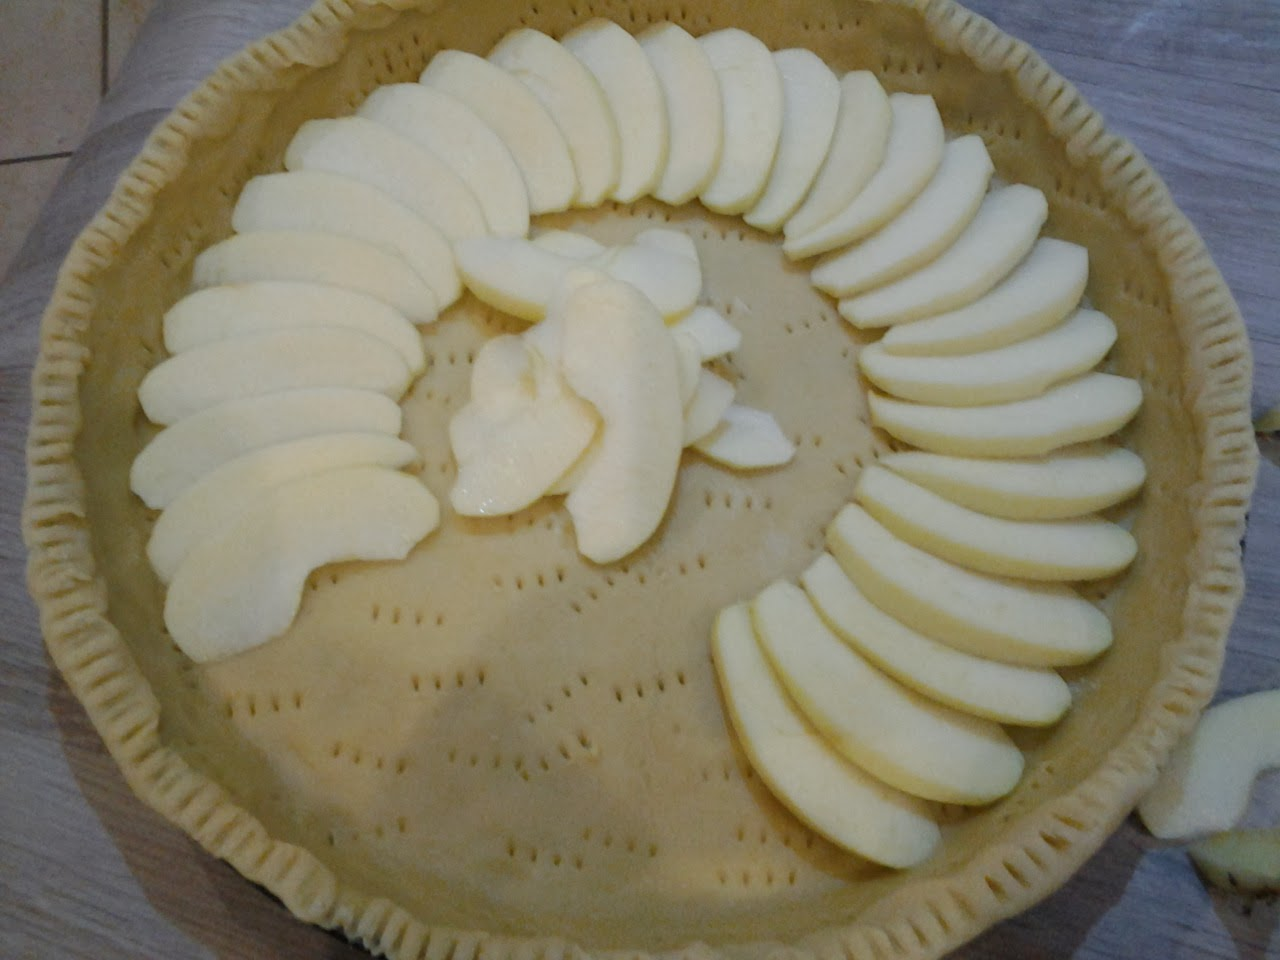 Mire de vie tarte aux pommes l 39 alsacienne - Couper des pommes en lamelles ...